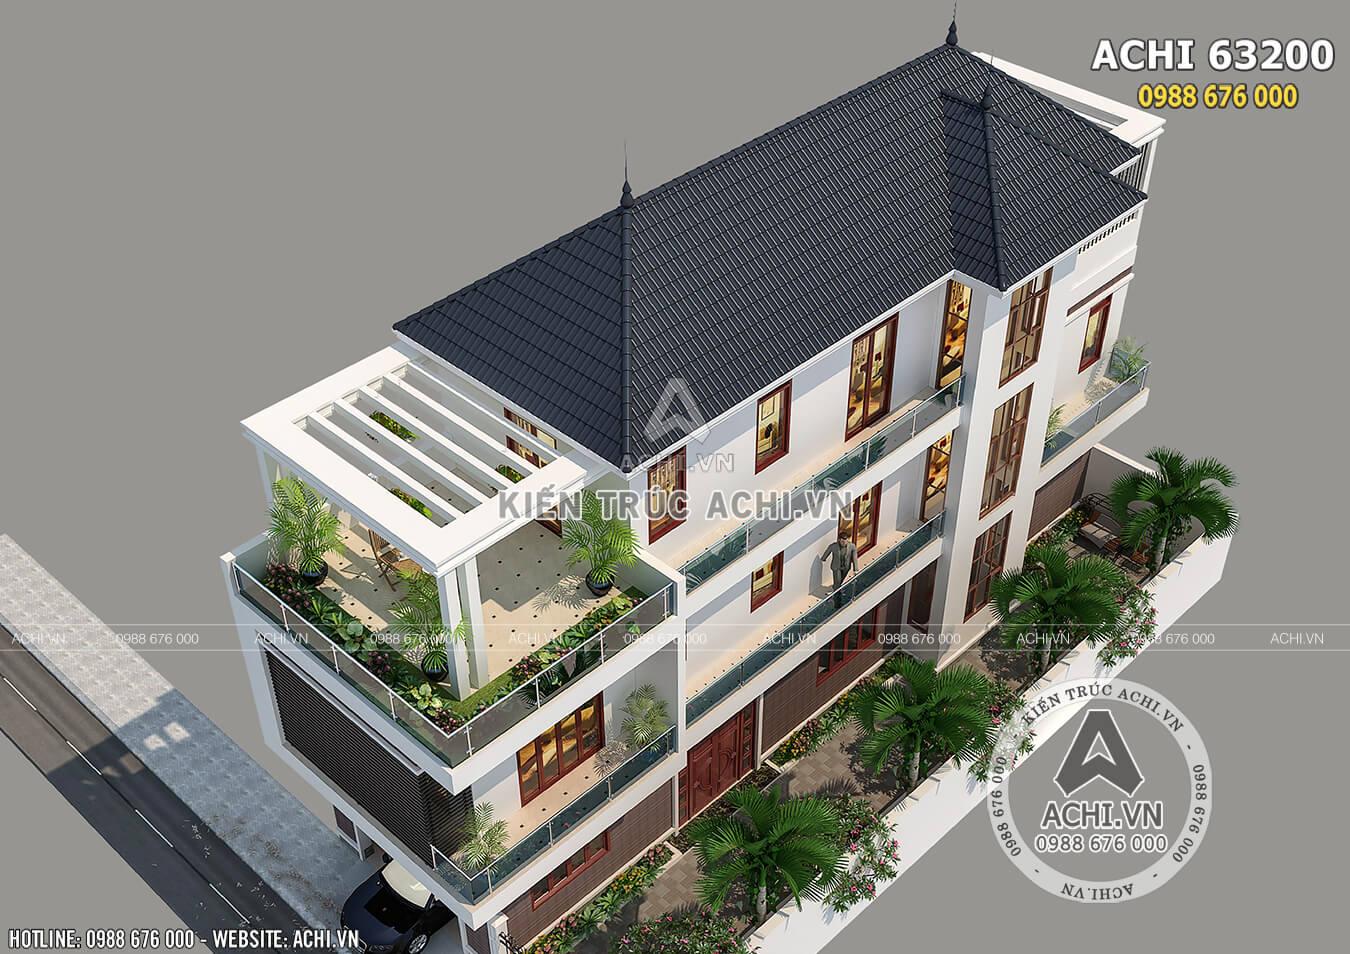 Hình ảnh: Một góc view trên cao của mẫu nhà 3 tầng – ACHI 63200